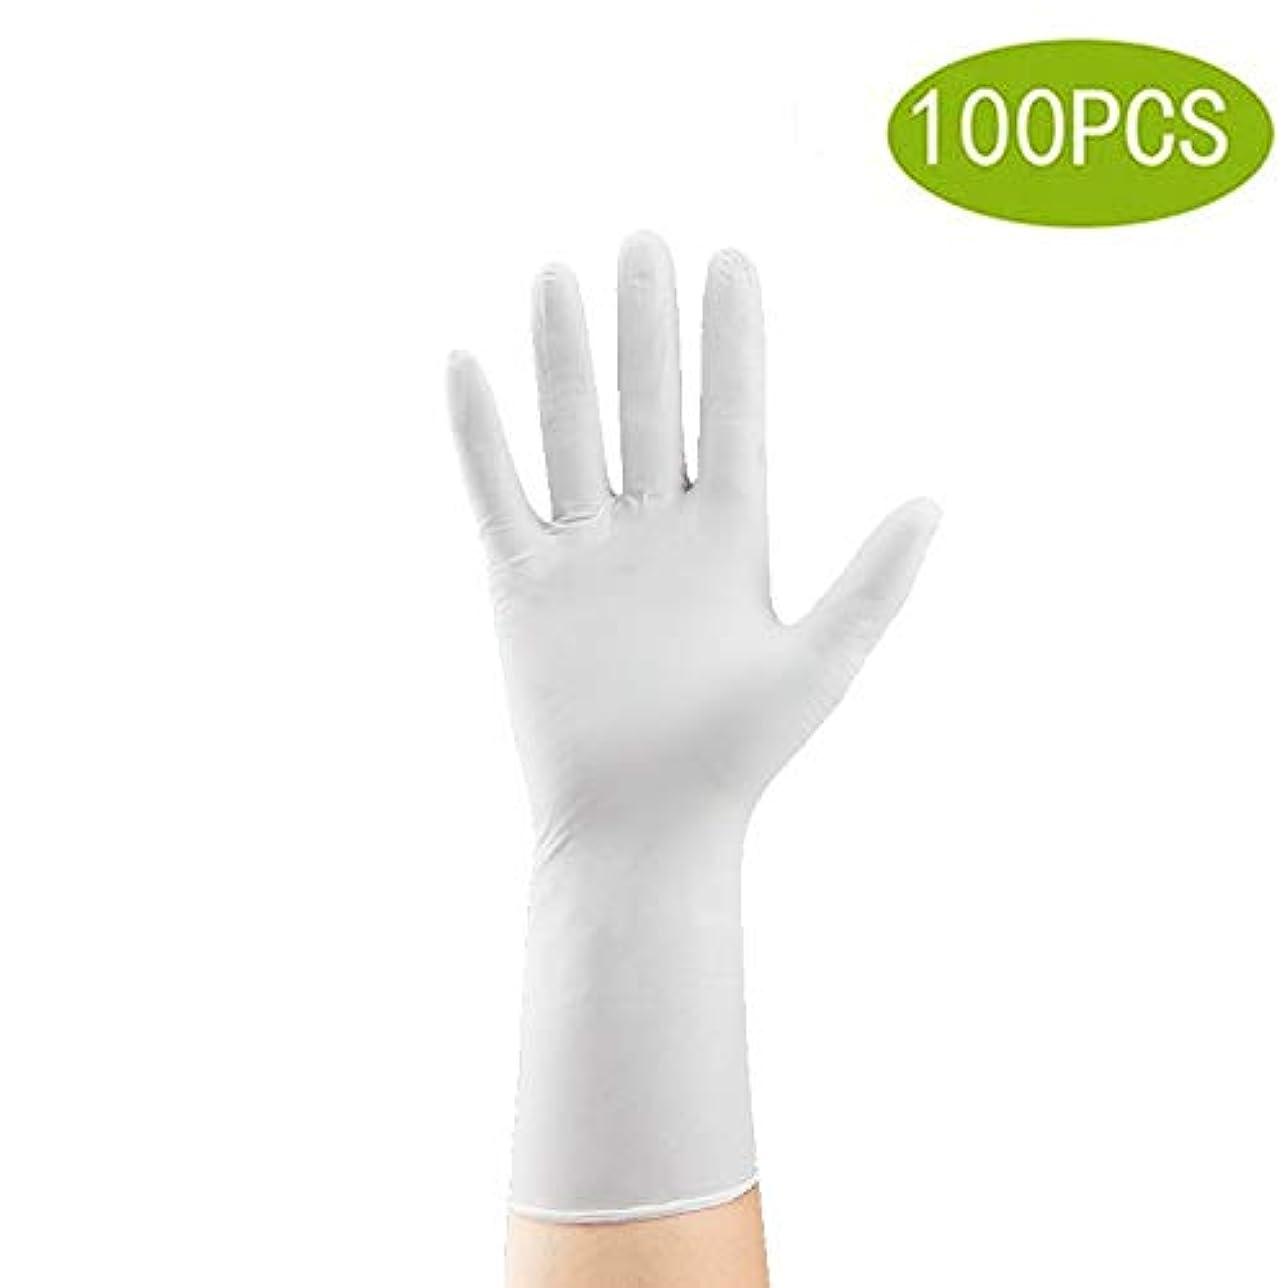 全能普及ホテル12インチメディカル試験ラテックス手袋| Jewelry-stores.co.uk5ミル厚、100個入りパウダーフリー、無菌、頑丈な試験用手袋|病院用プロフェッショナルグレード、法執行機関、使い捨て安全手袋 (Size...